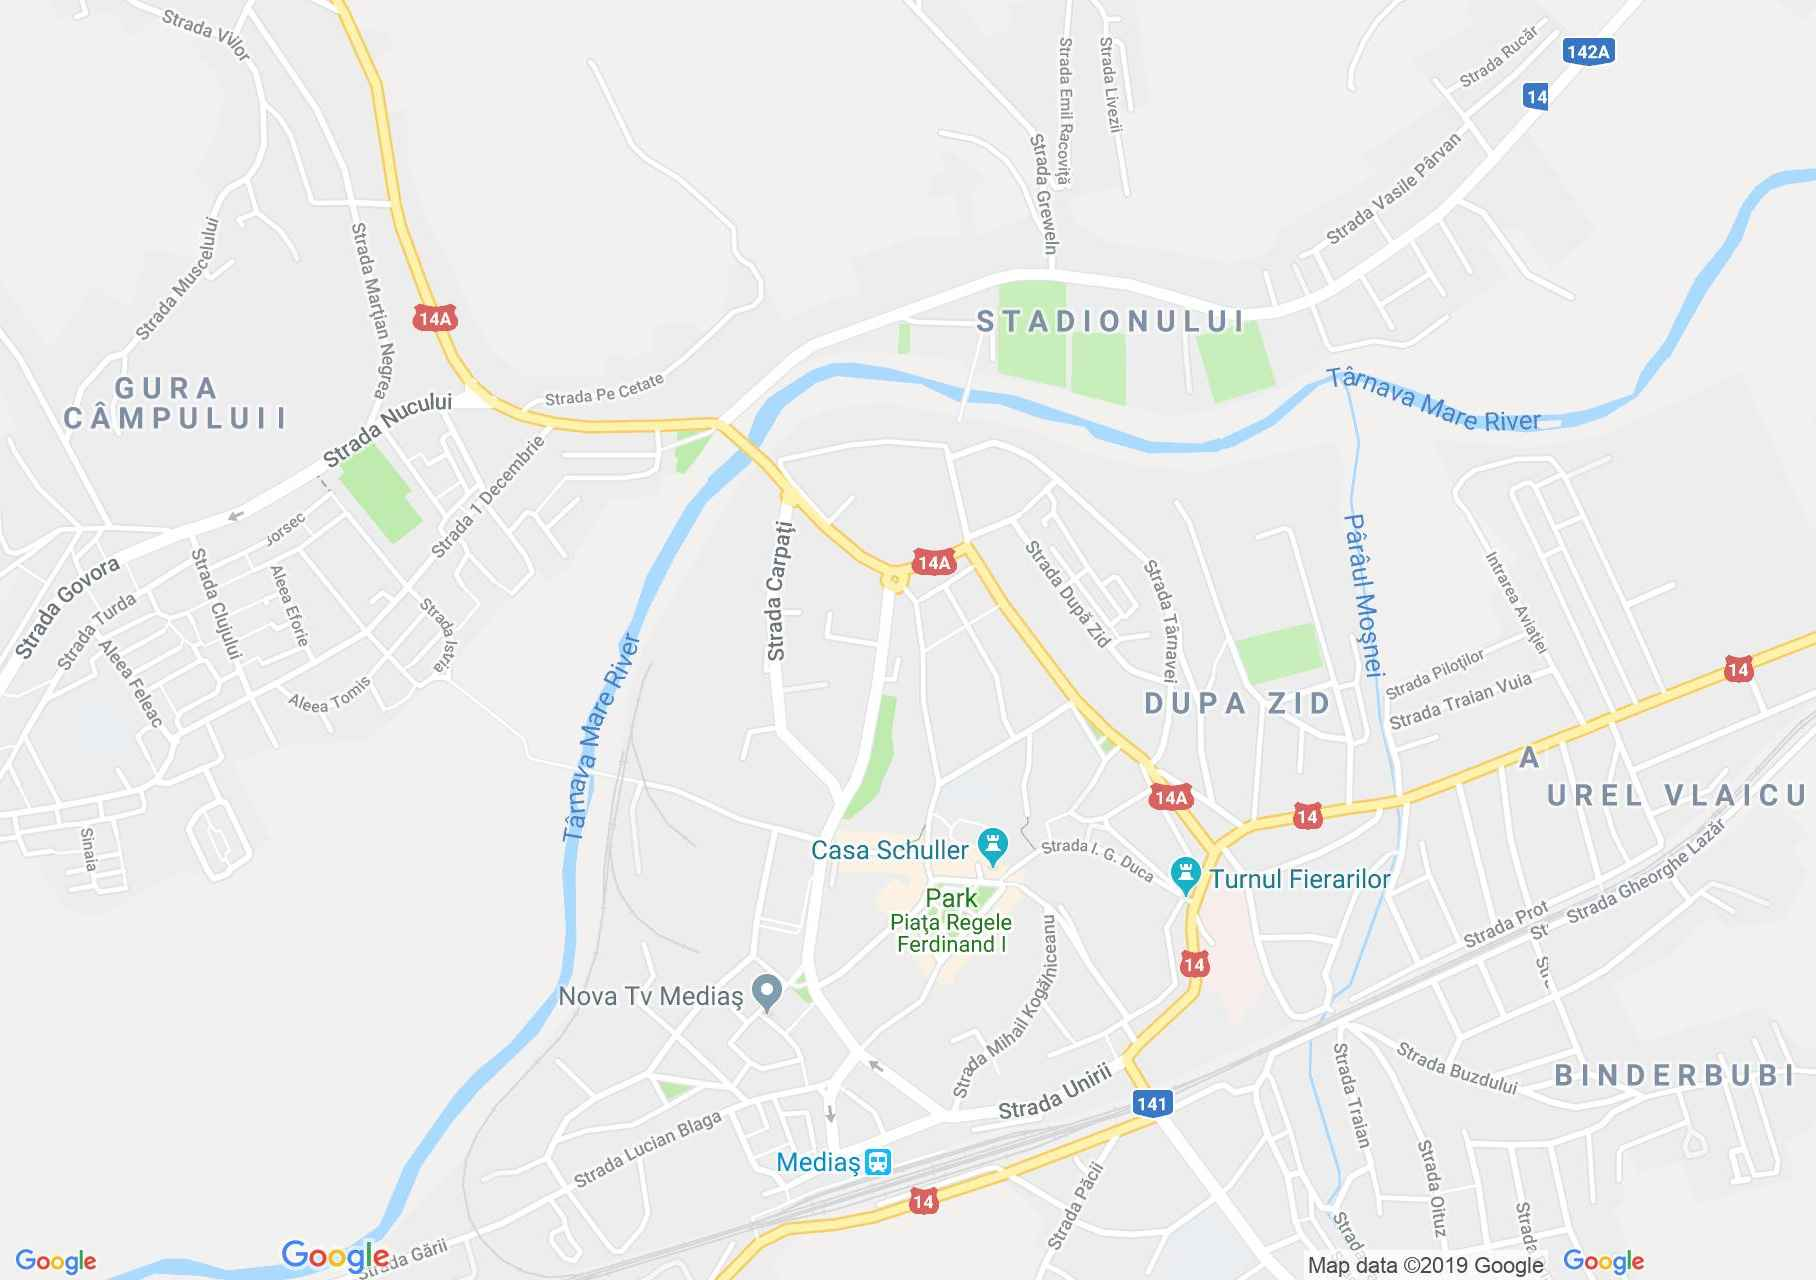 Map of Mediaş: The Schuster Gustav - Dutz house